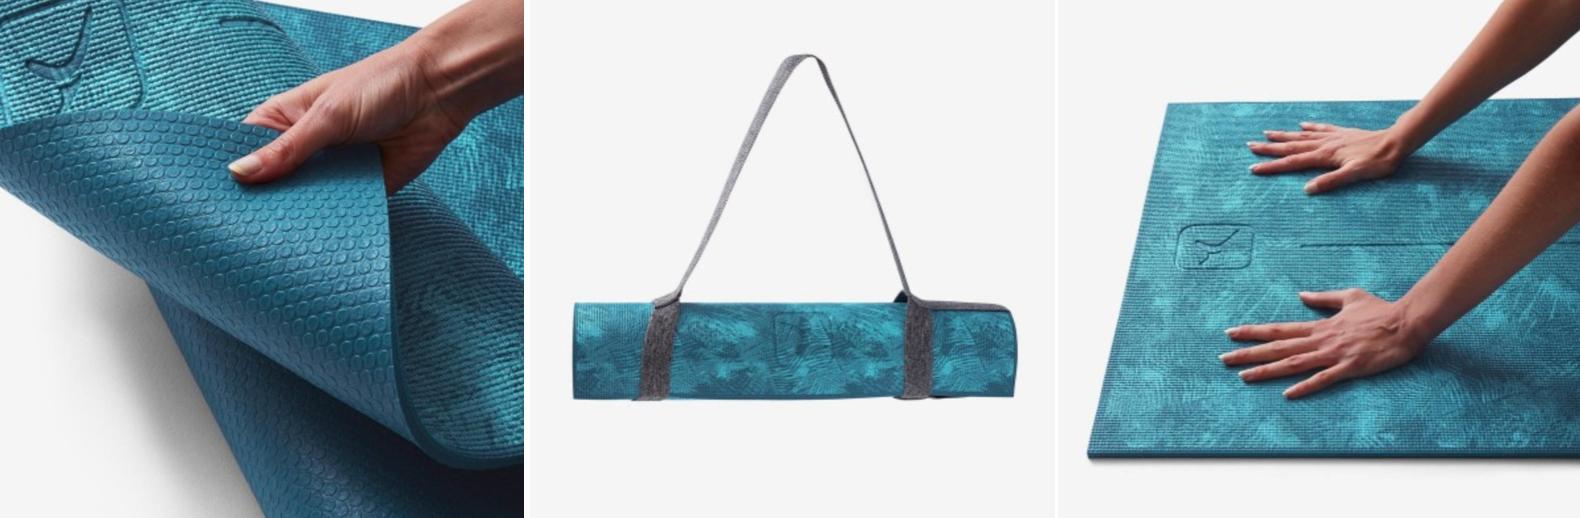 Win decathlon vouchers to buy Comfort Yoga Mat in blue